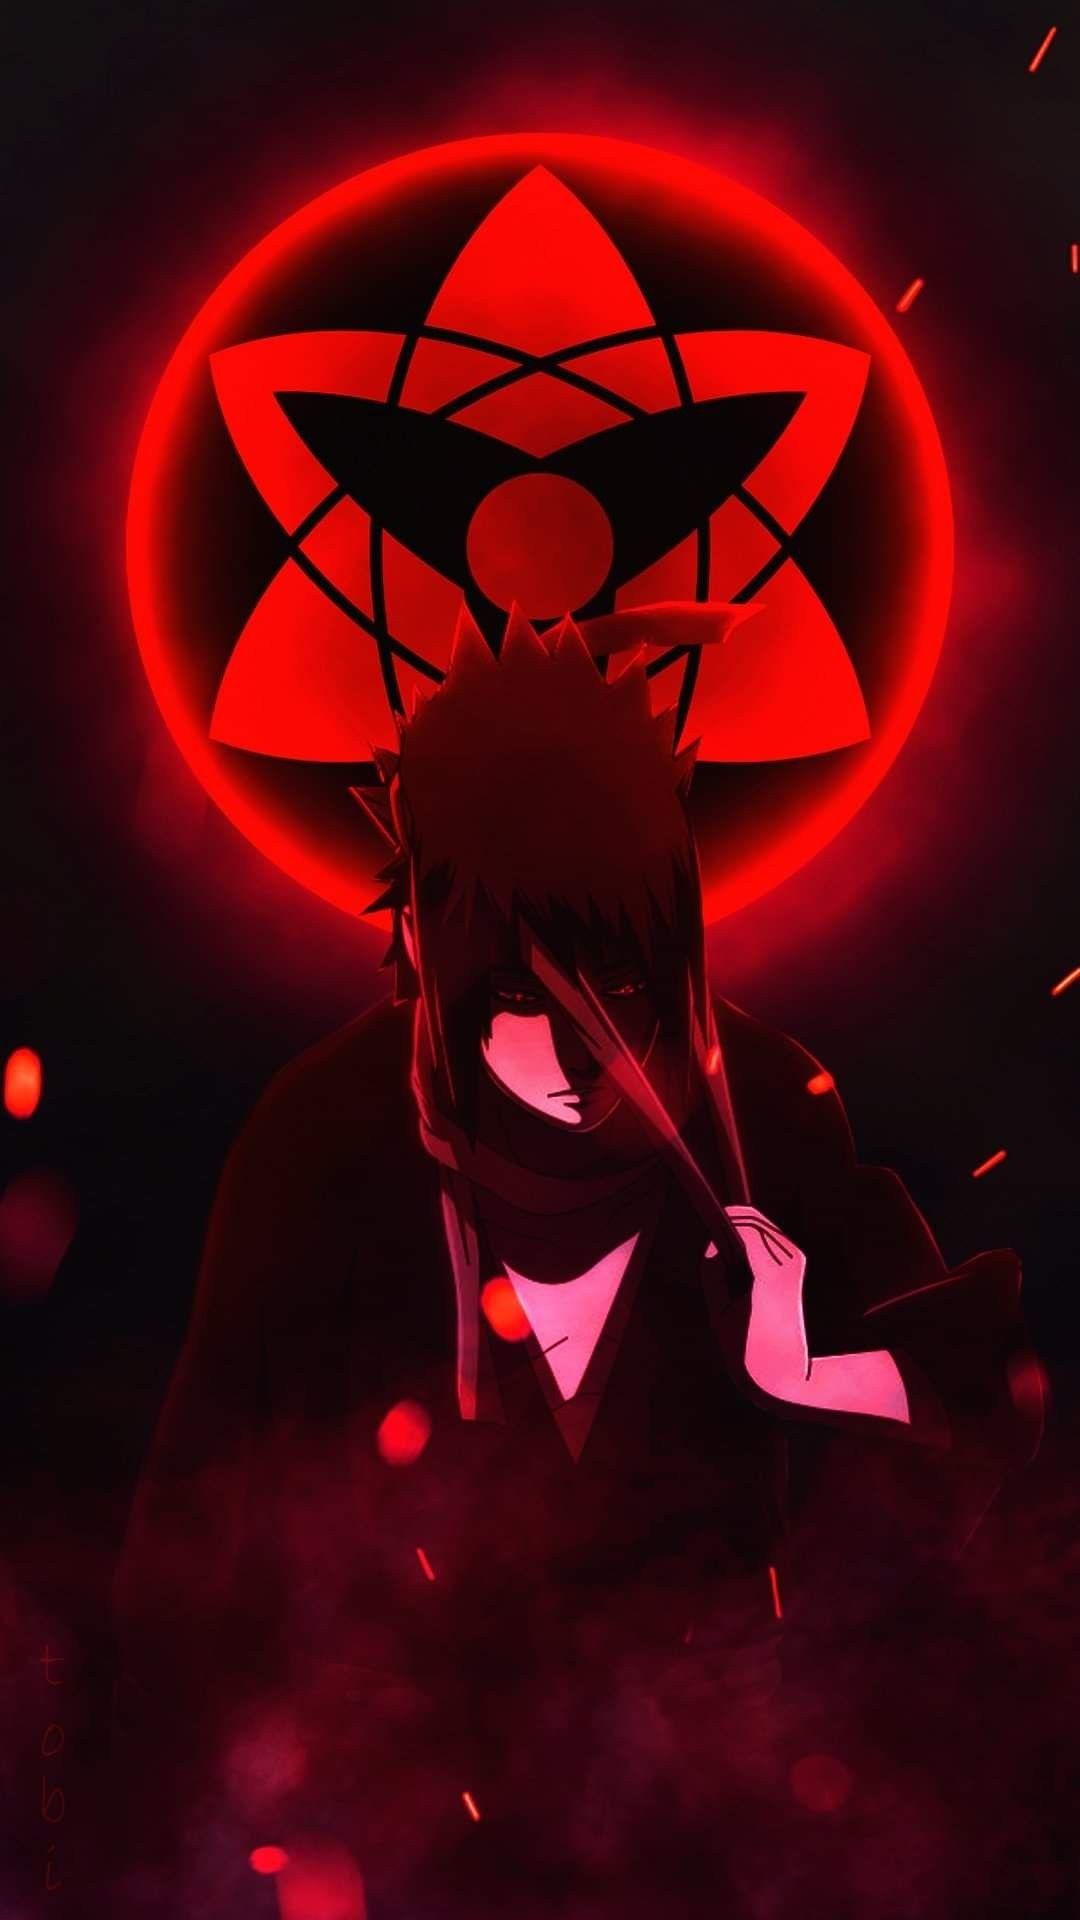 Pin By Tabitha Gens On Animes Sasuke Uchiha Shippuden Naruto Uzumaki Art Naruto And Sasuke Wallpaper